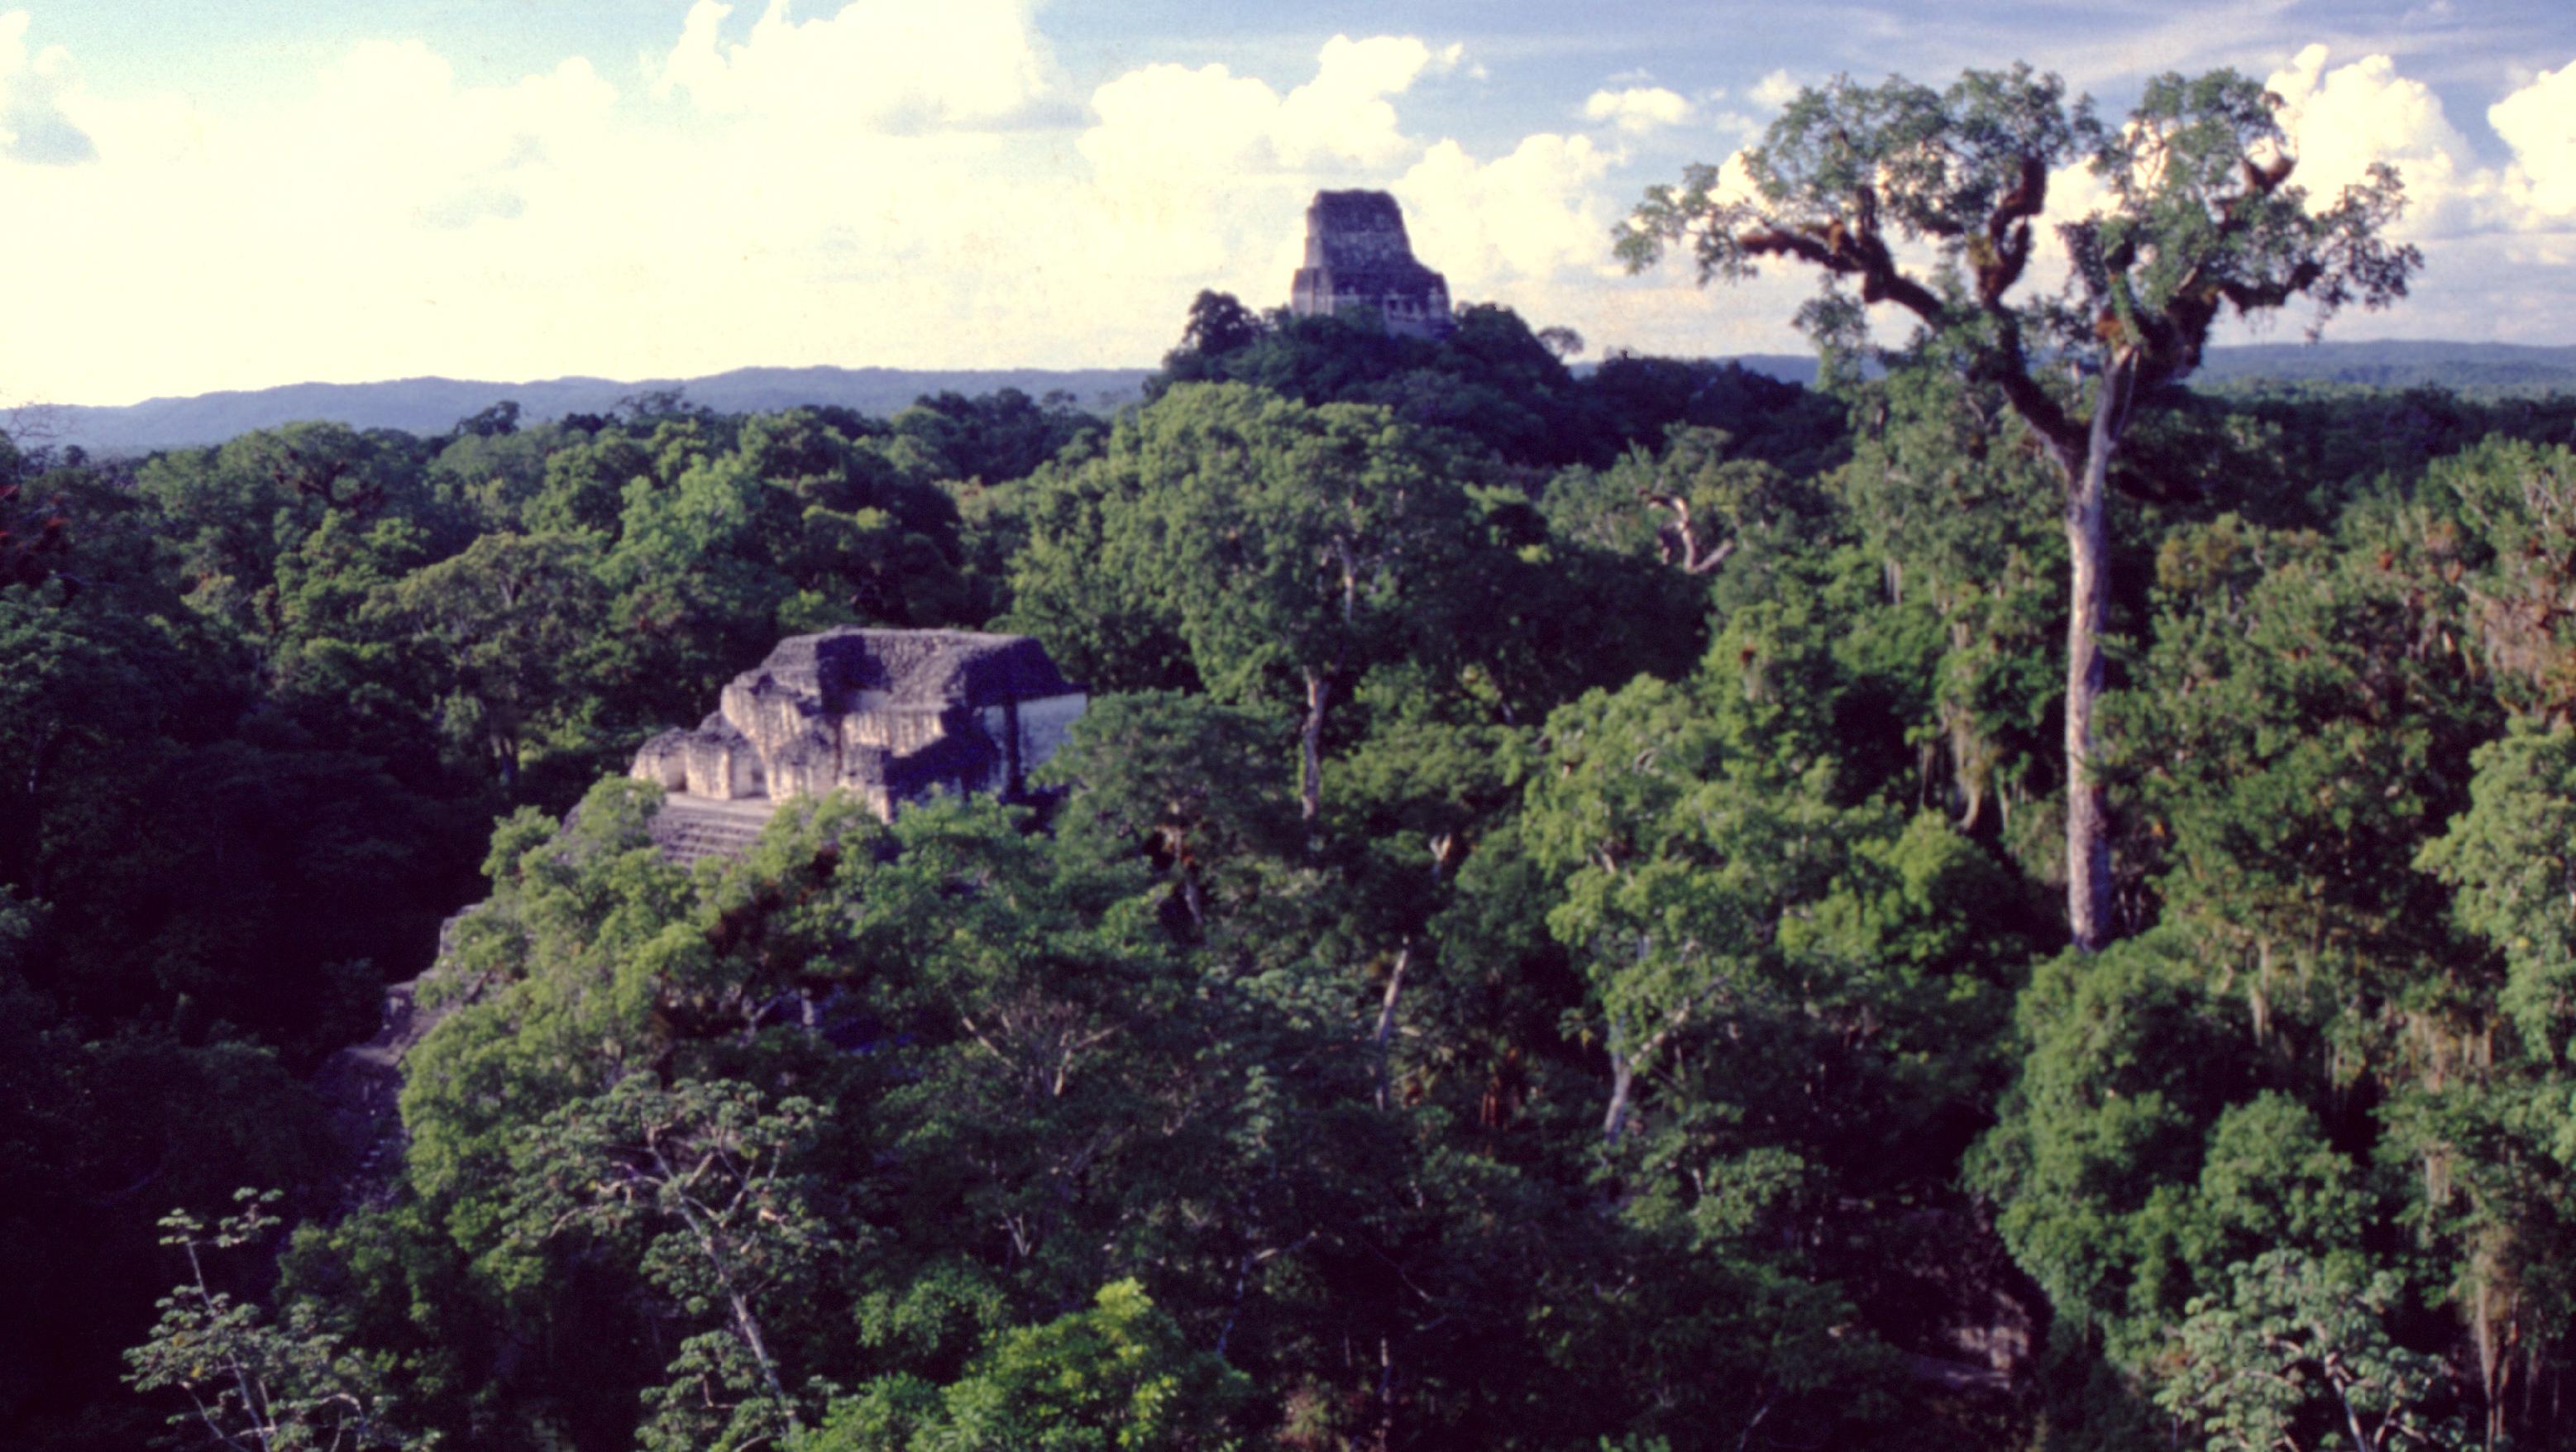 Dans une mer verte, apparaissent quelques vaisseaux de pierre, qui, comme des icebergs, ne dévoilent qu'une petite partie de leur structure... En mille ans, la jungle a littéralement englouti la capitale des Mayas.